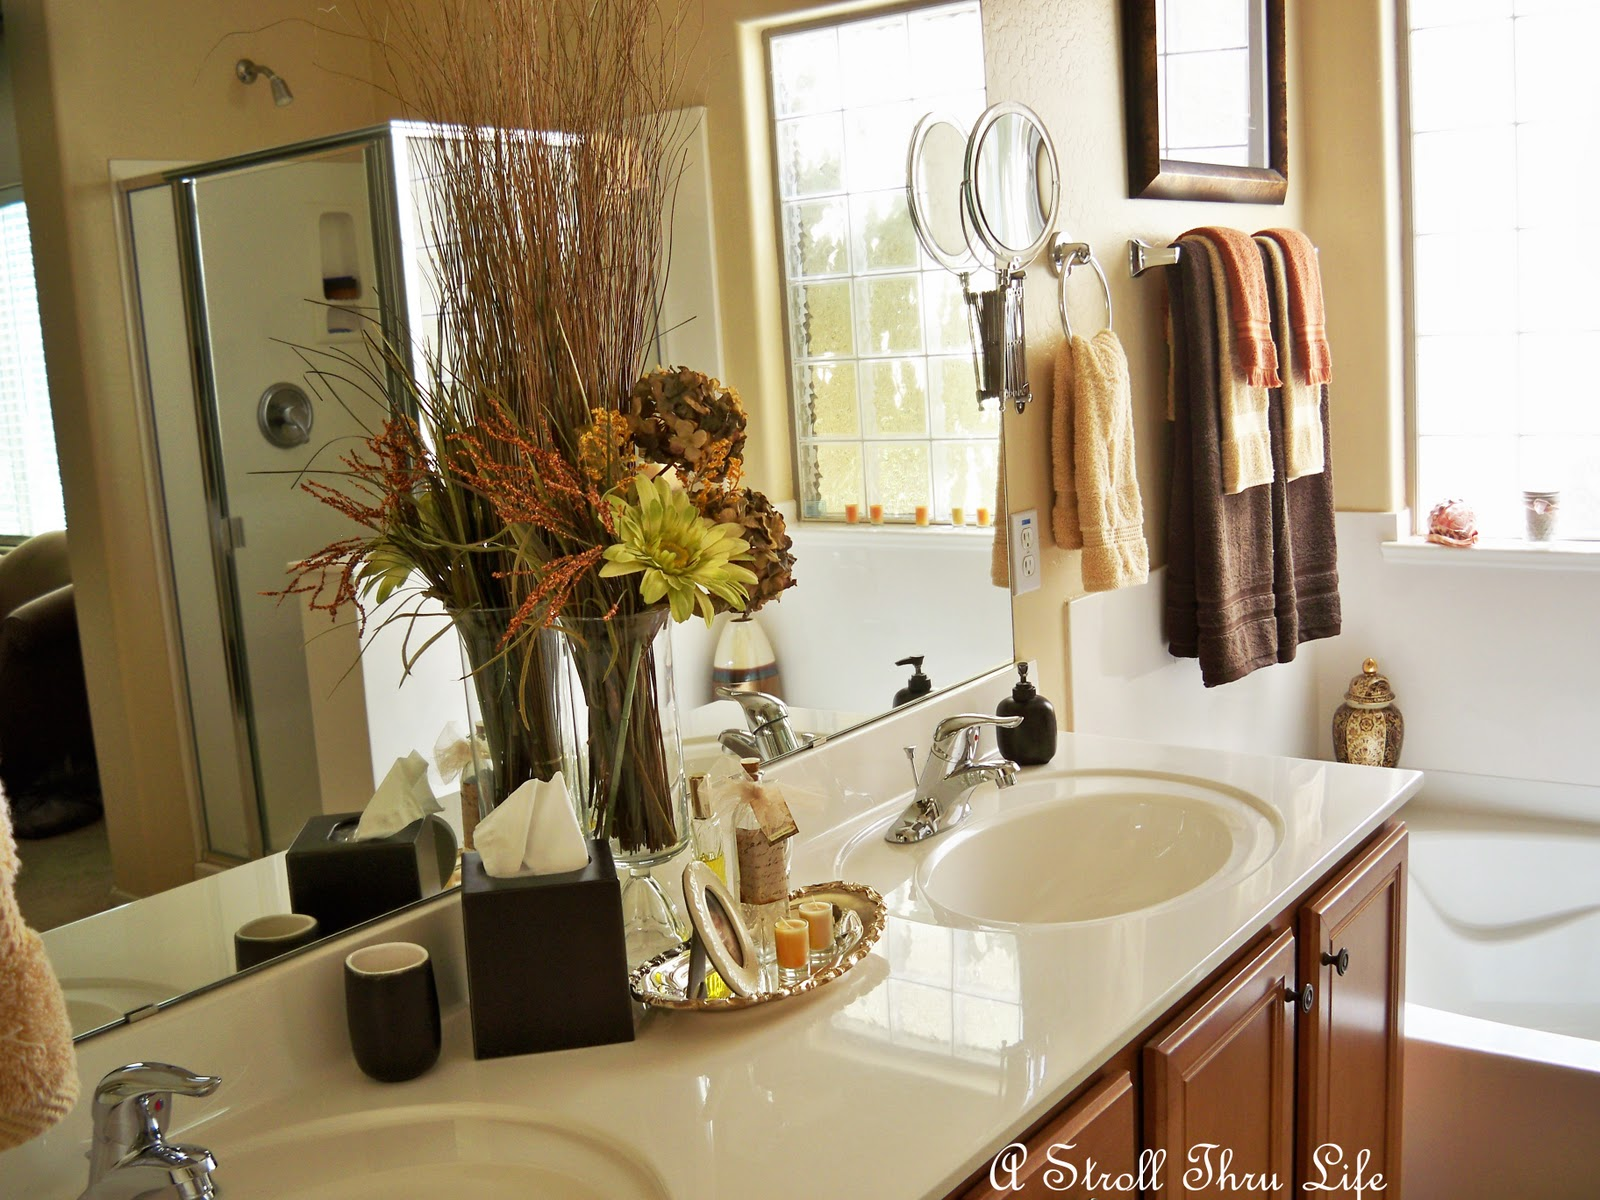 Fall Bathroom: A Stroll Thru Life: Fall In The Bathroom